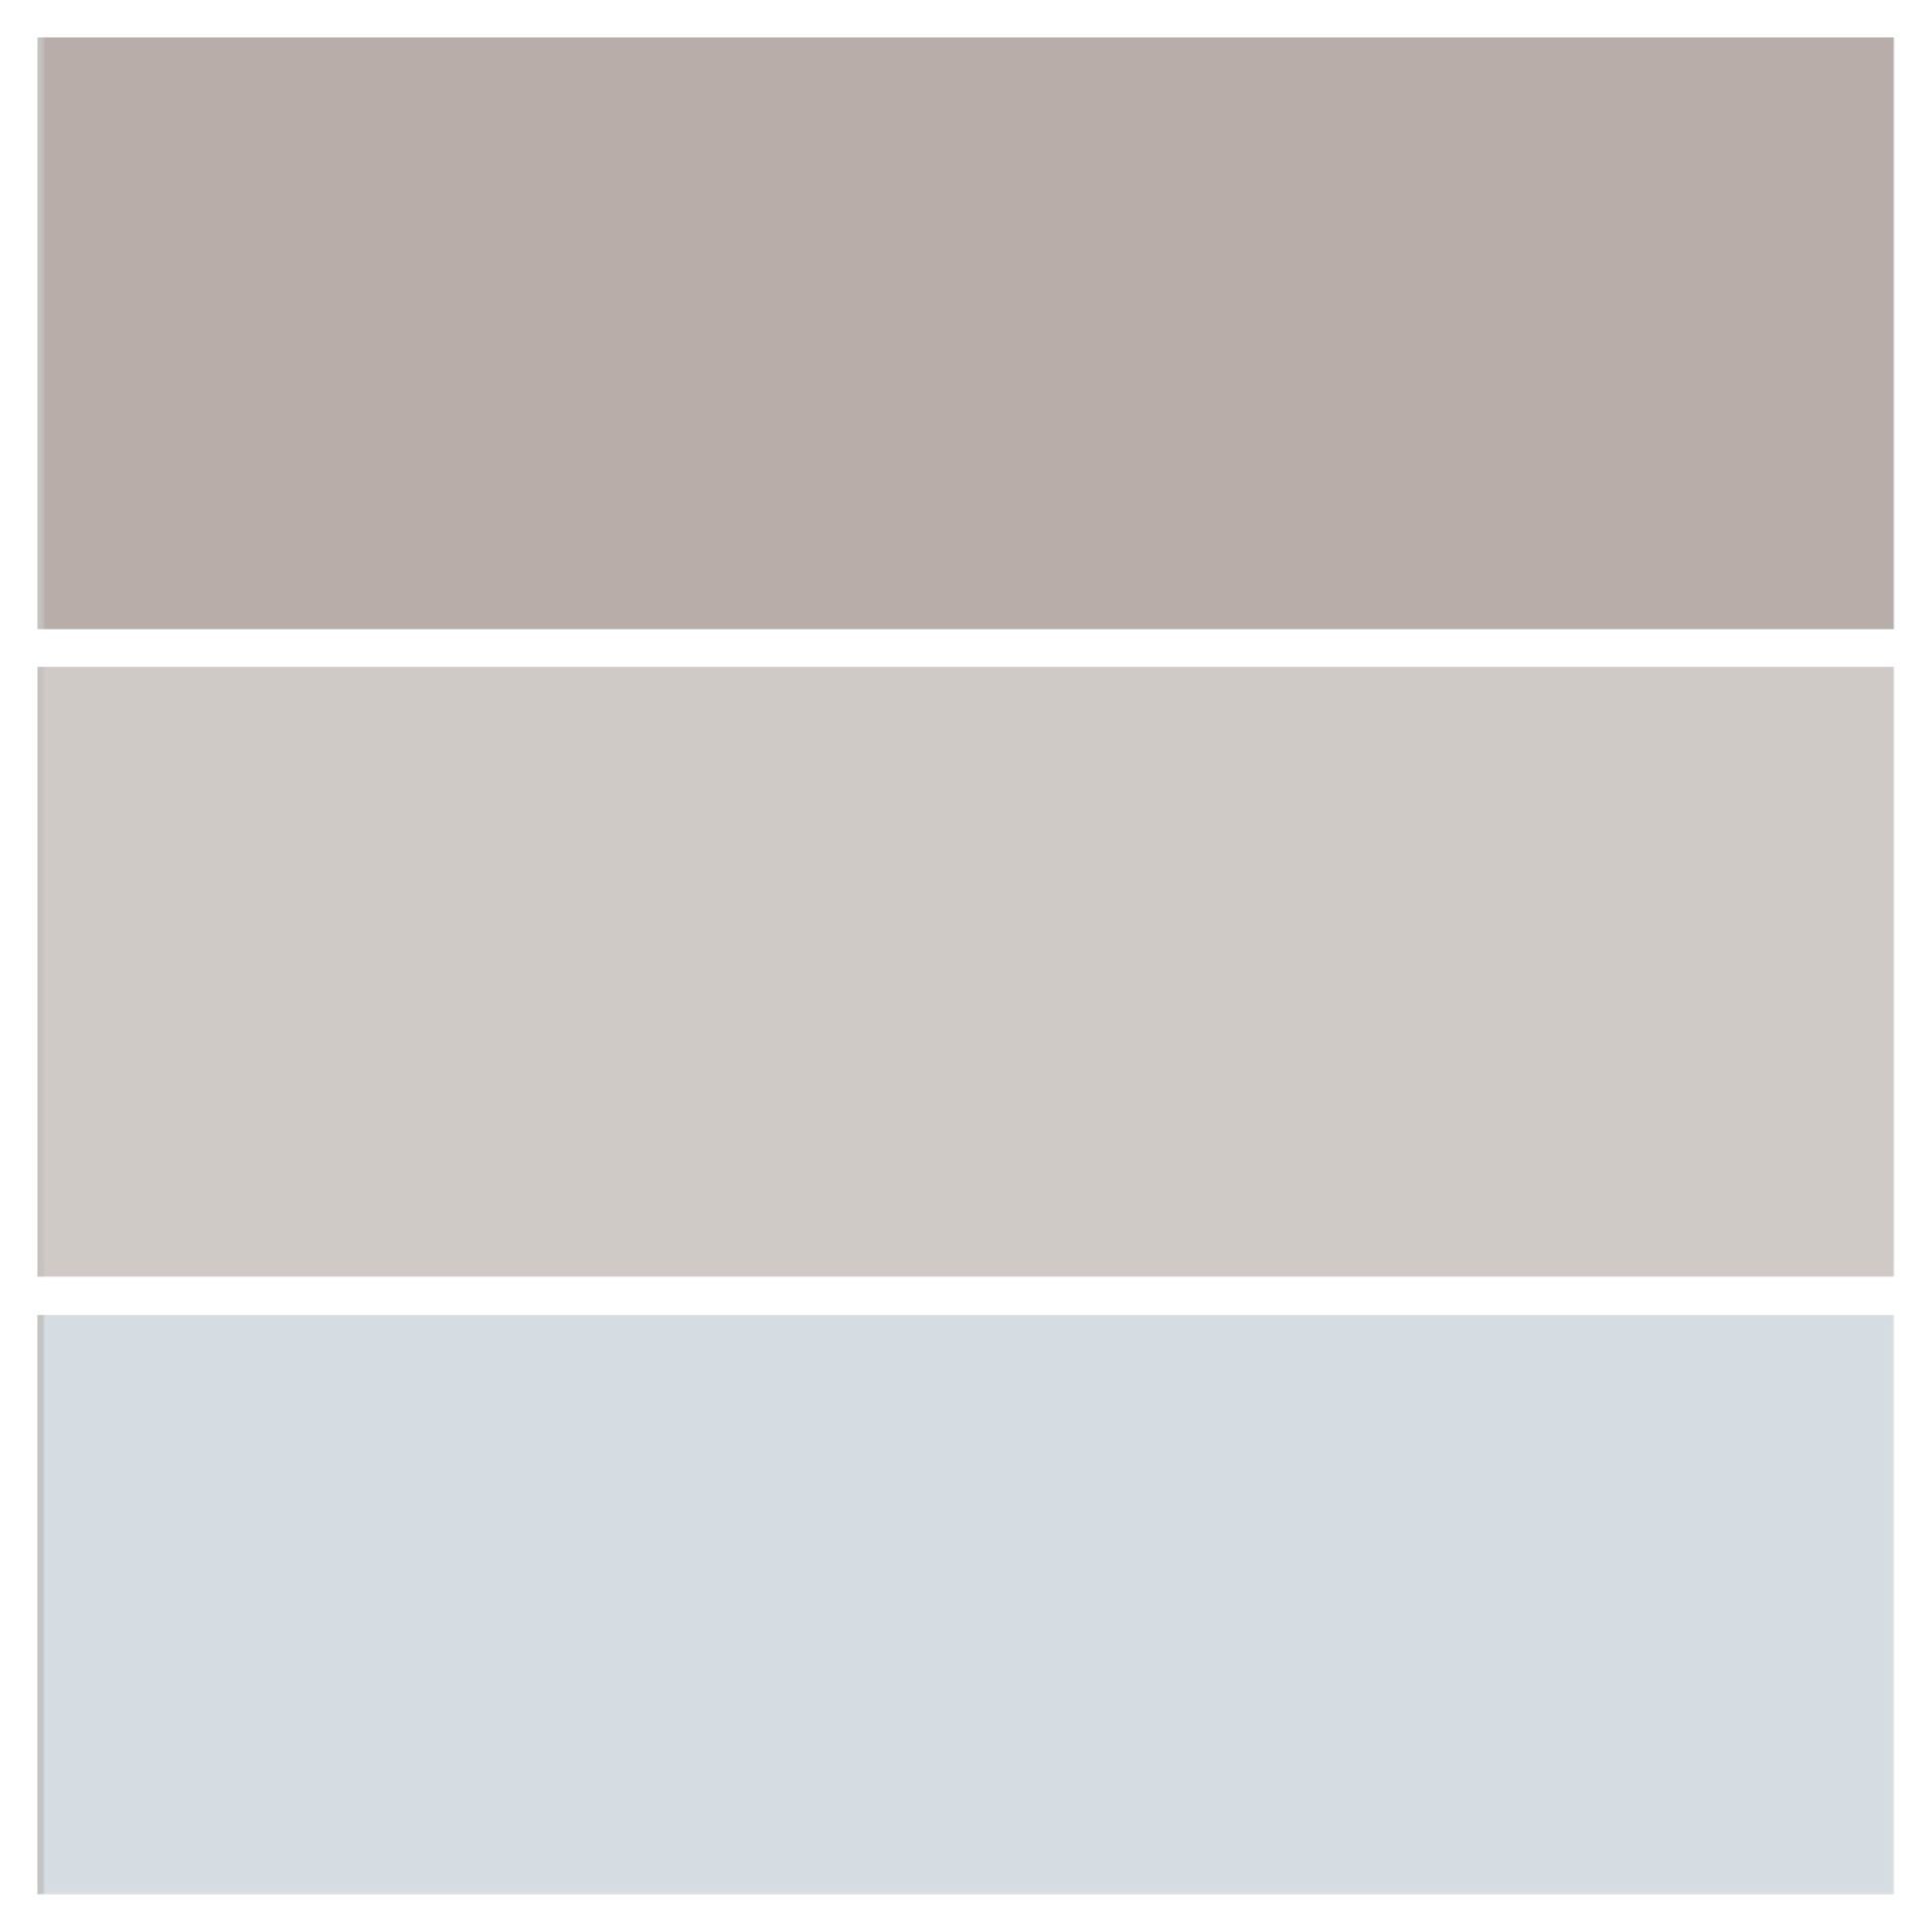 Upstairs Paint Colors Valspar Lowes London Coach Modest Silver Pantone Illusion Blue Lowes Paint Colors Valspar Lowes Paint Colors Kitchen Paint Colors